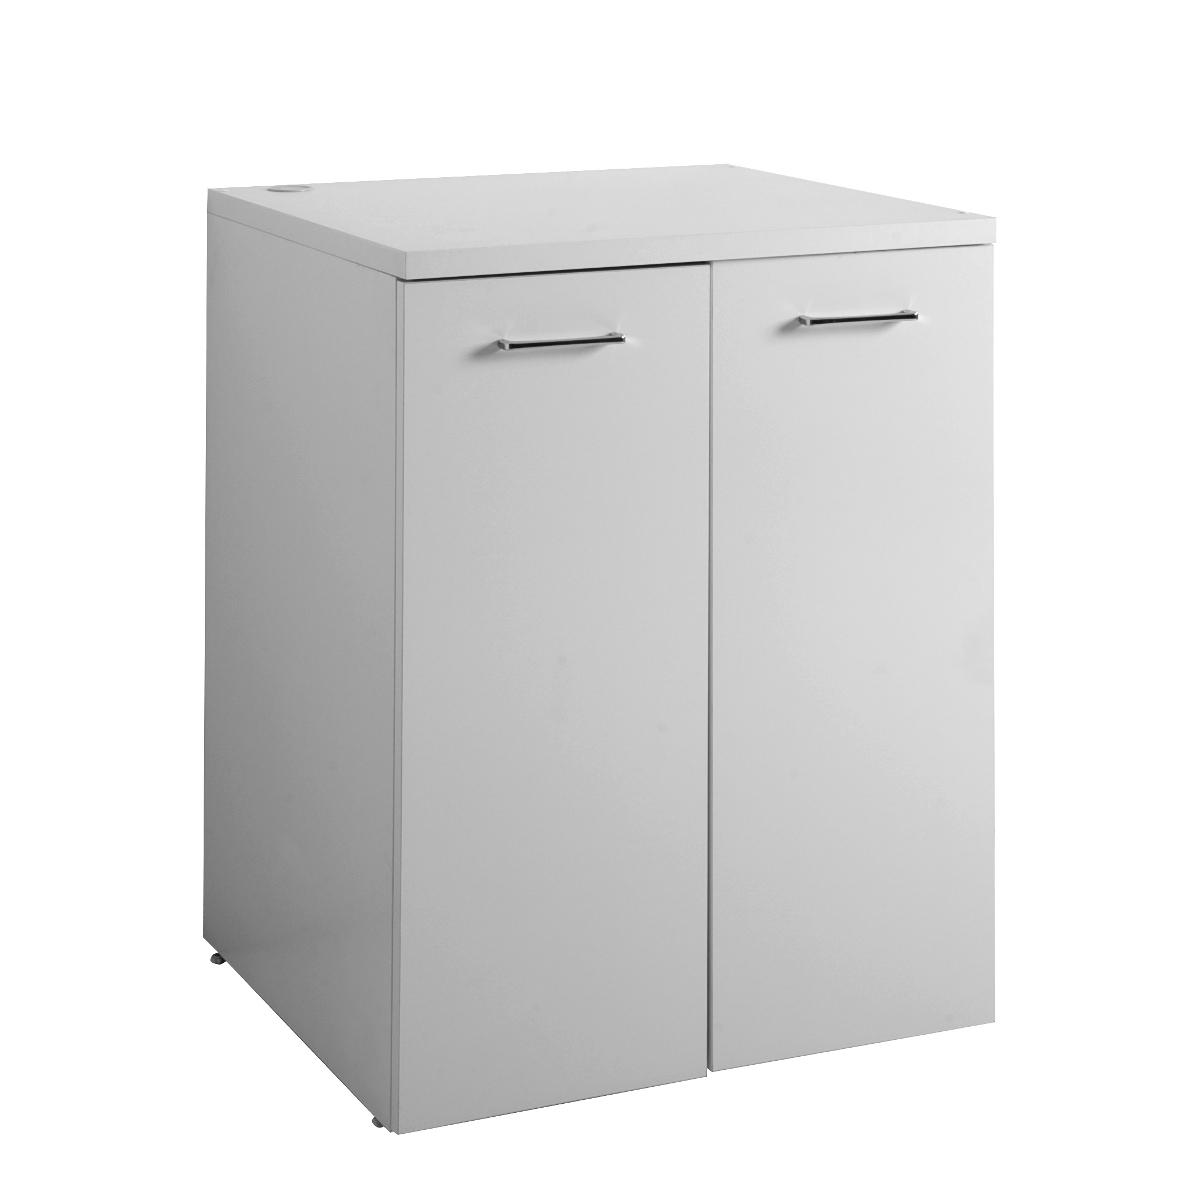 Mobile base contenitore lavatrice asciugatrice 70x66x91 wash - Mobile lavatrice asciugatrice ...